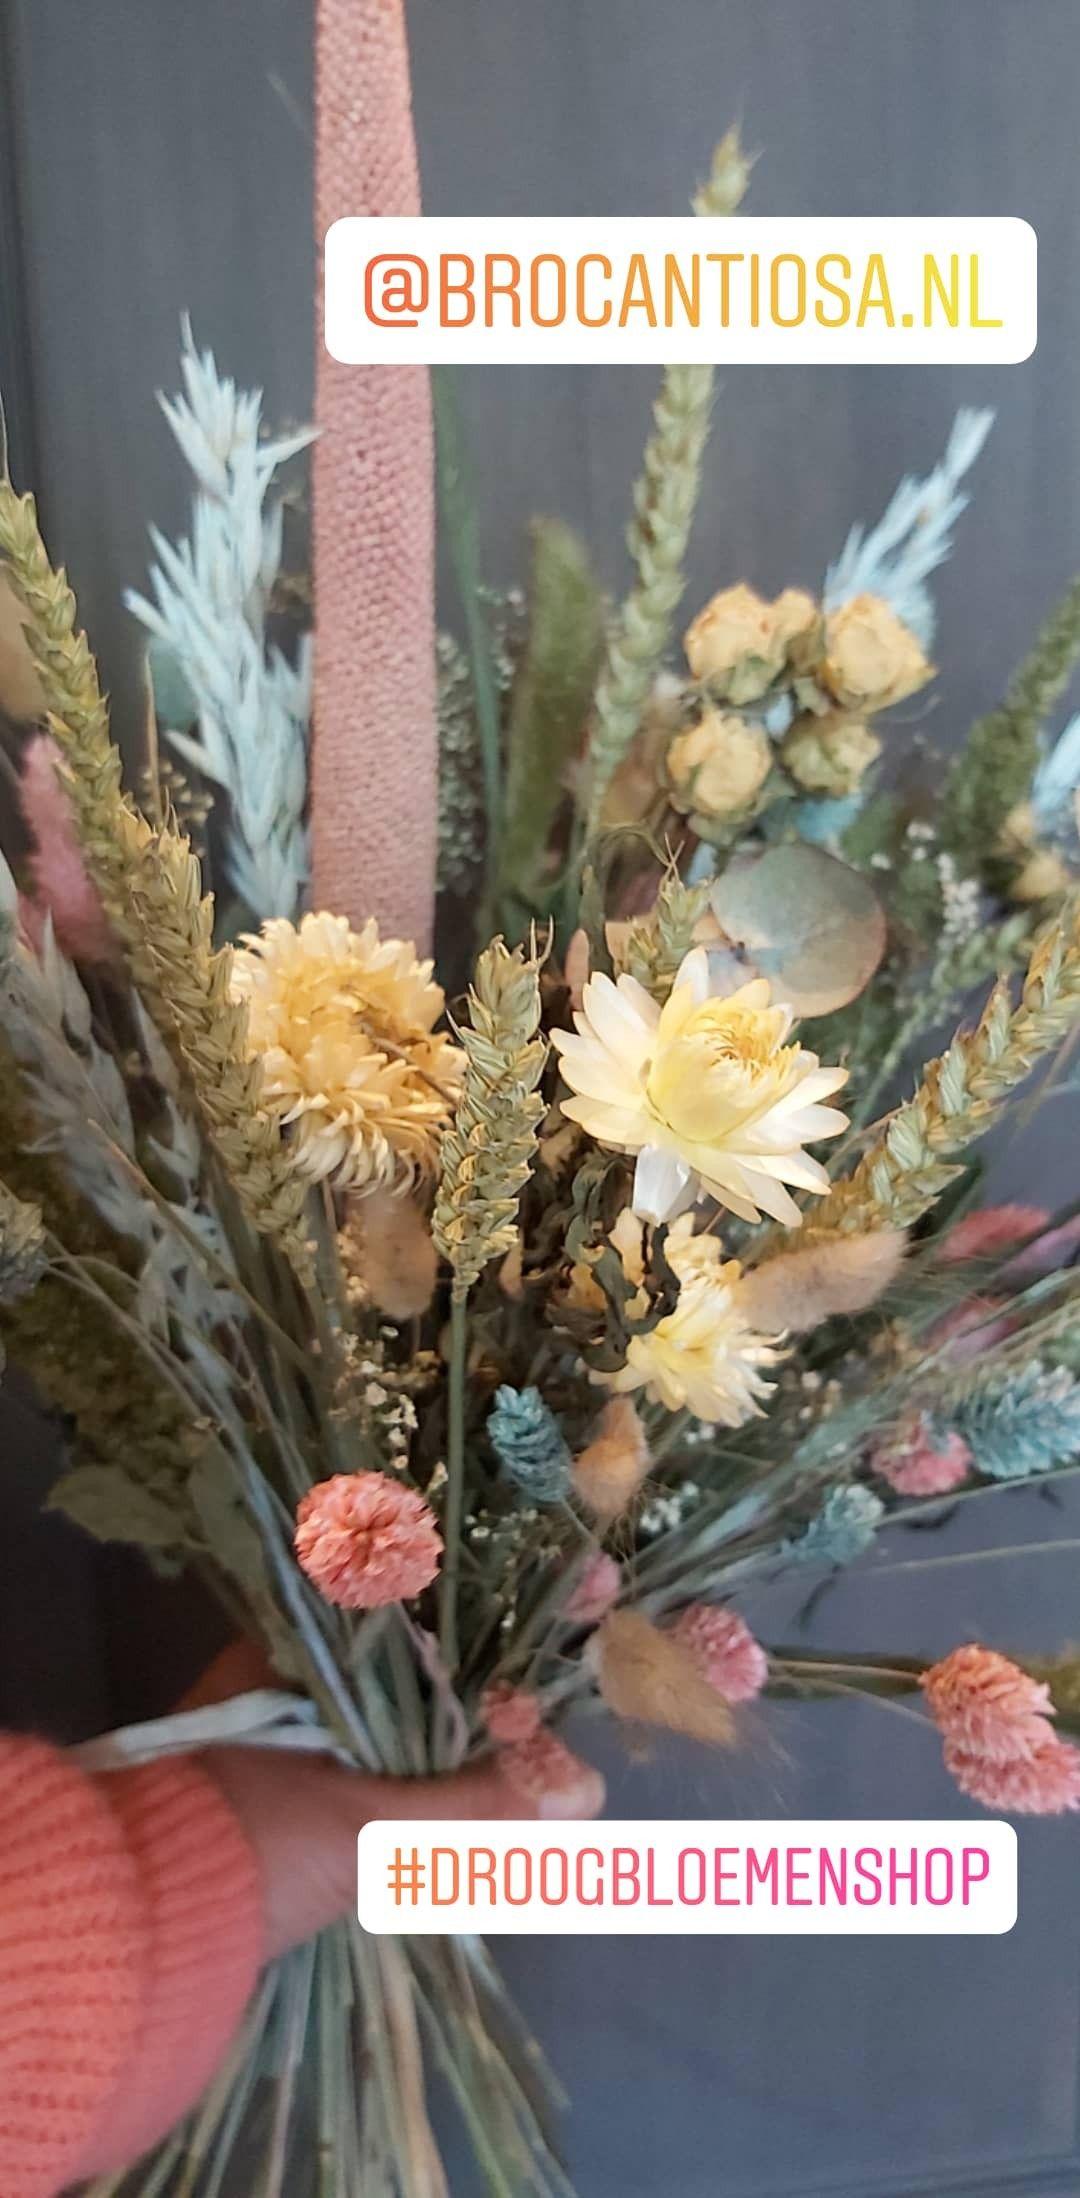 Sweet driedflowers